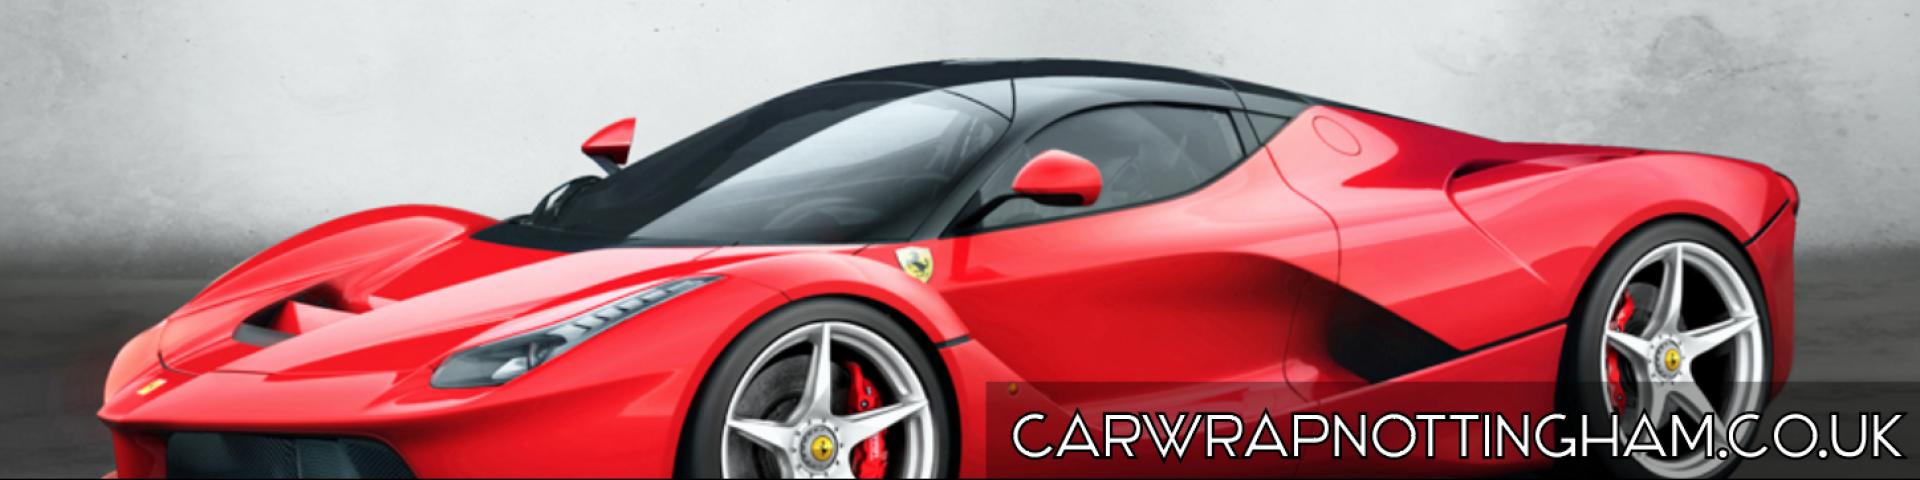 N1 Car Wrap: 0115 837 3171